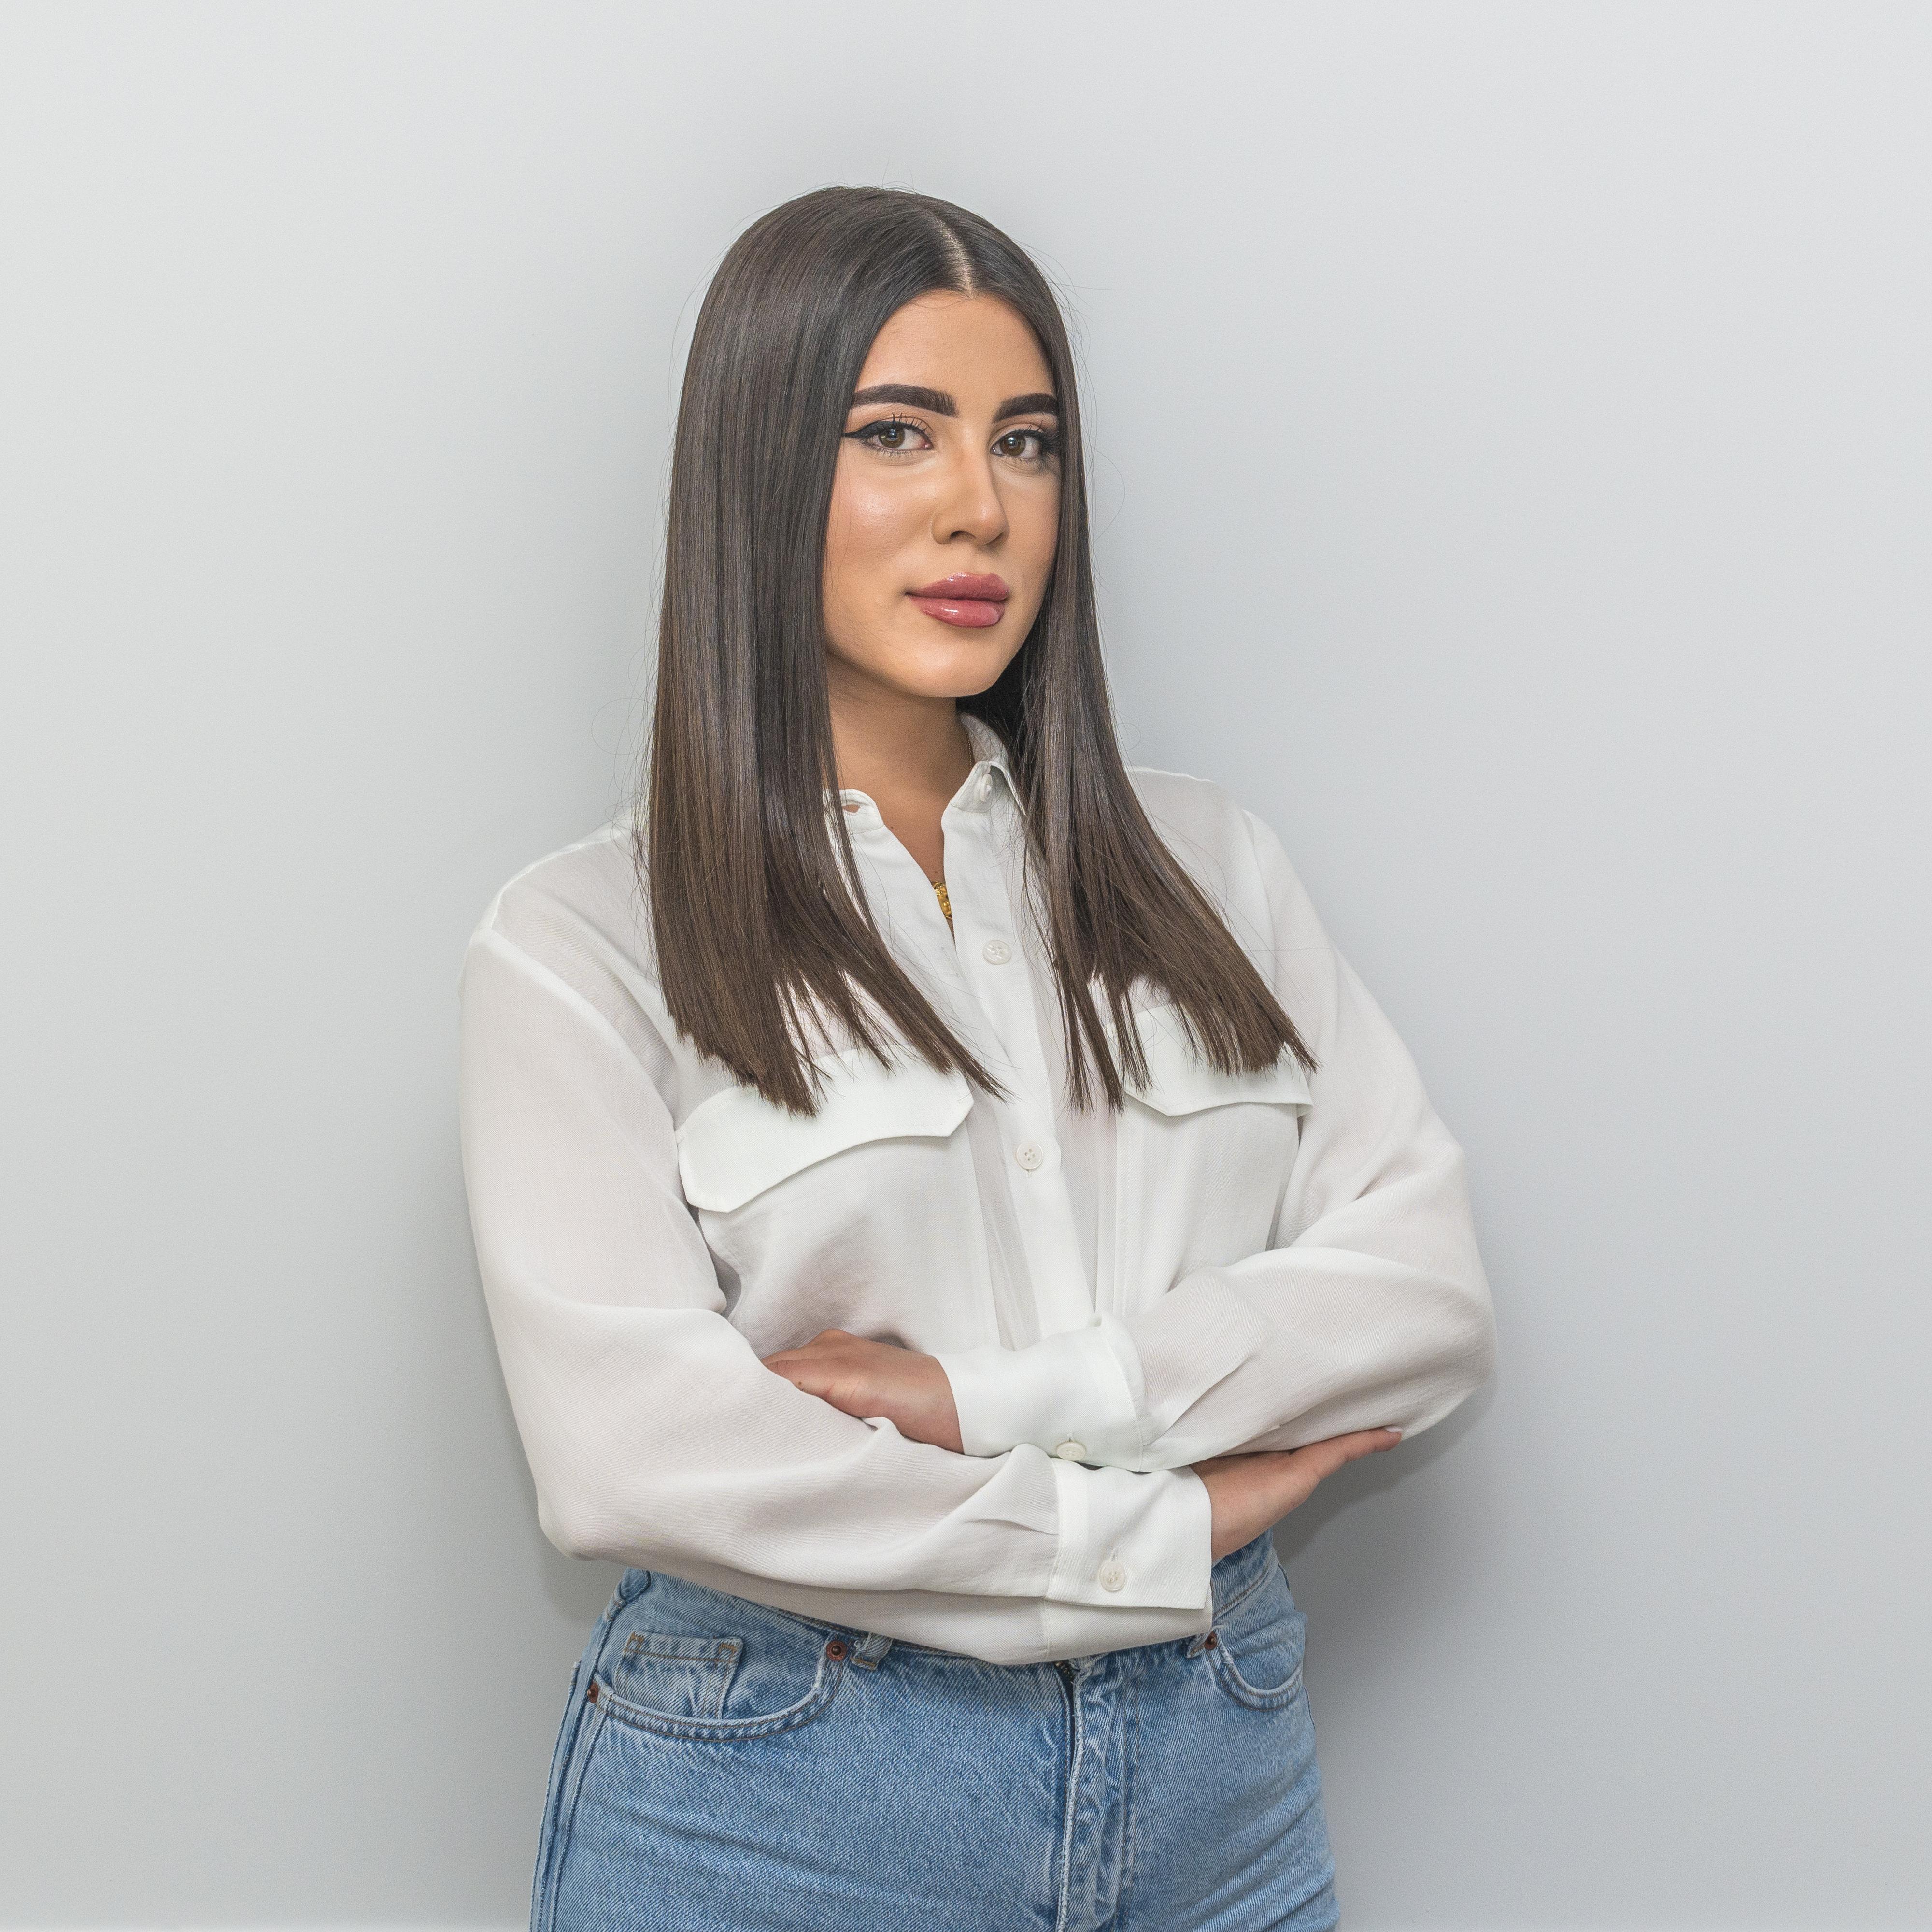 Dzhordzhia Dimitrova